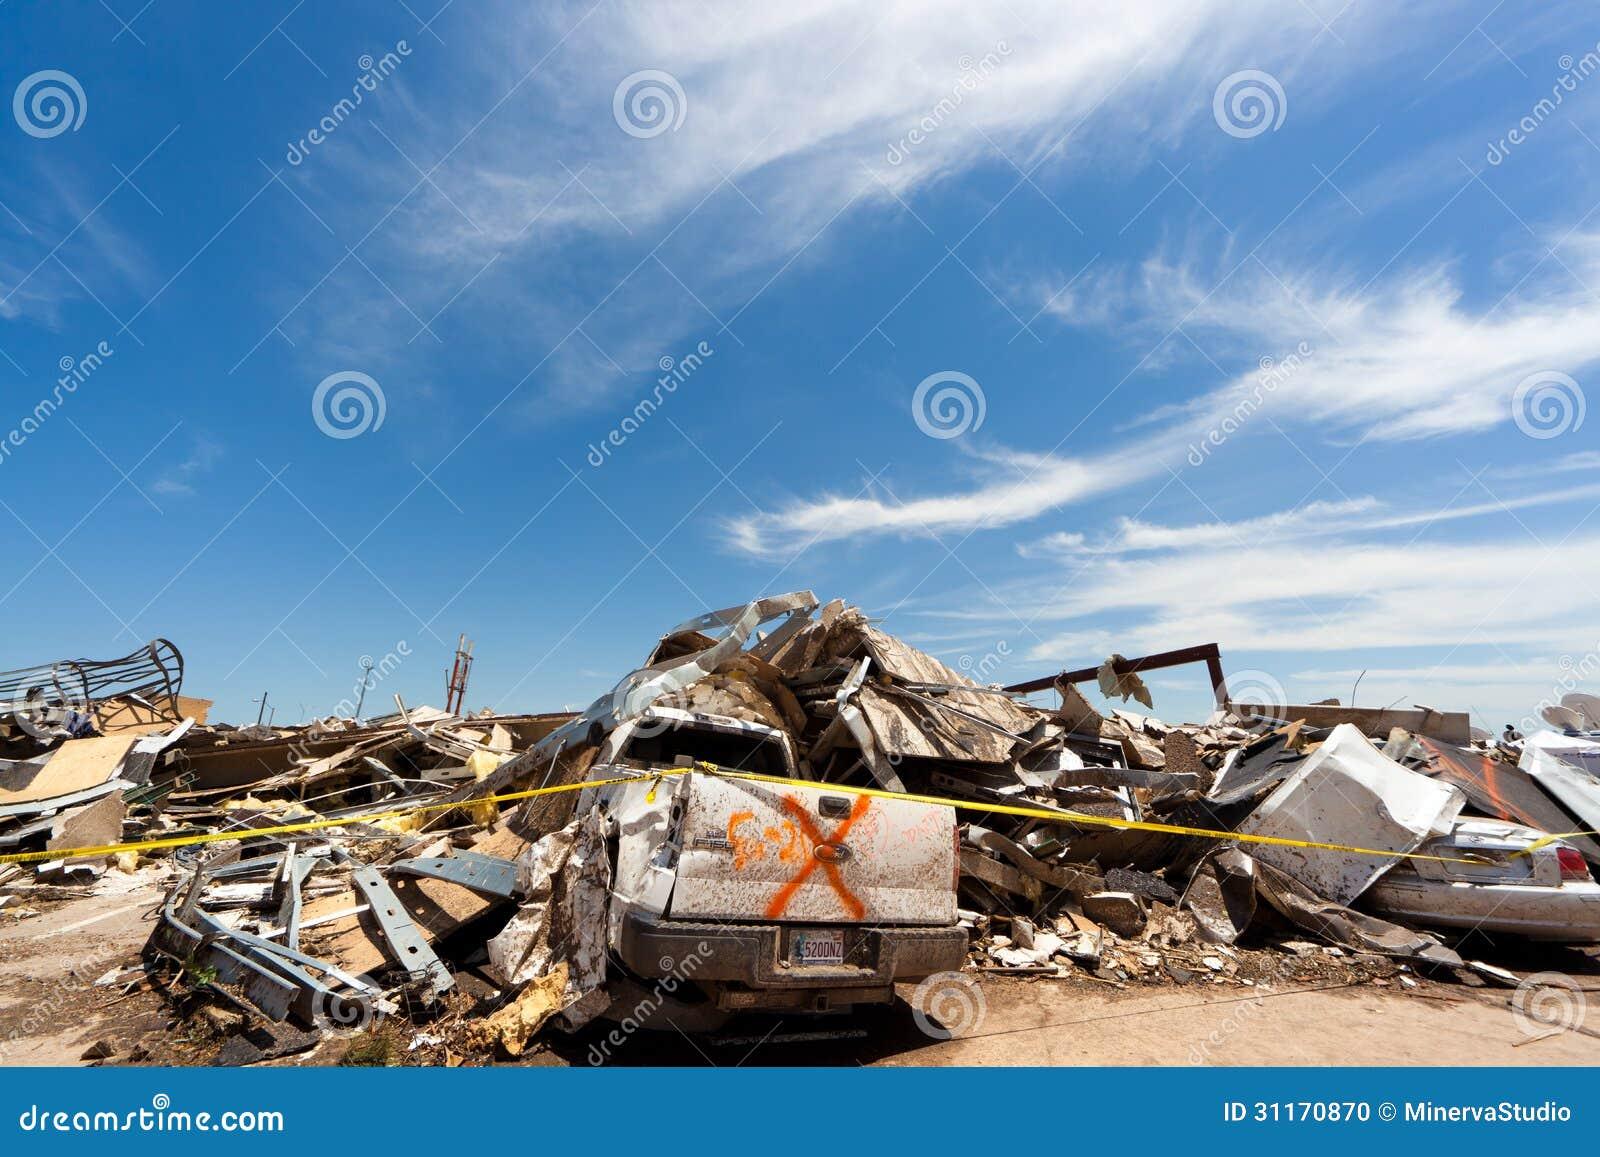 ef5 tornado in moore oklahoma editorial image image of calamity